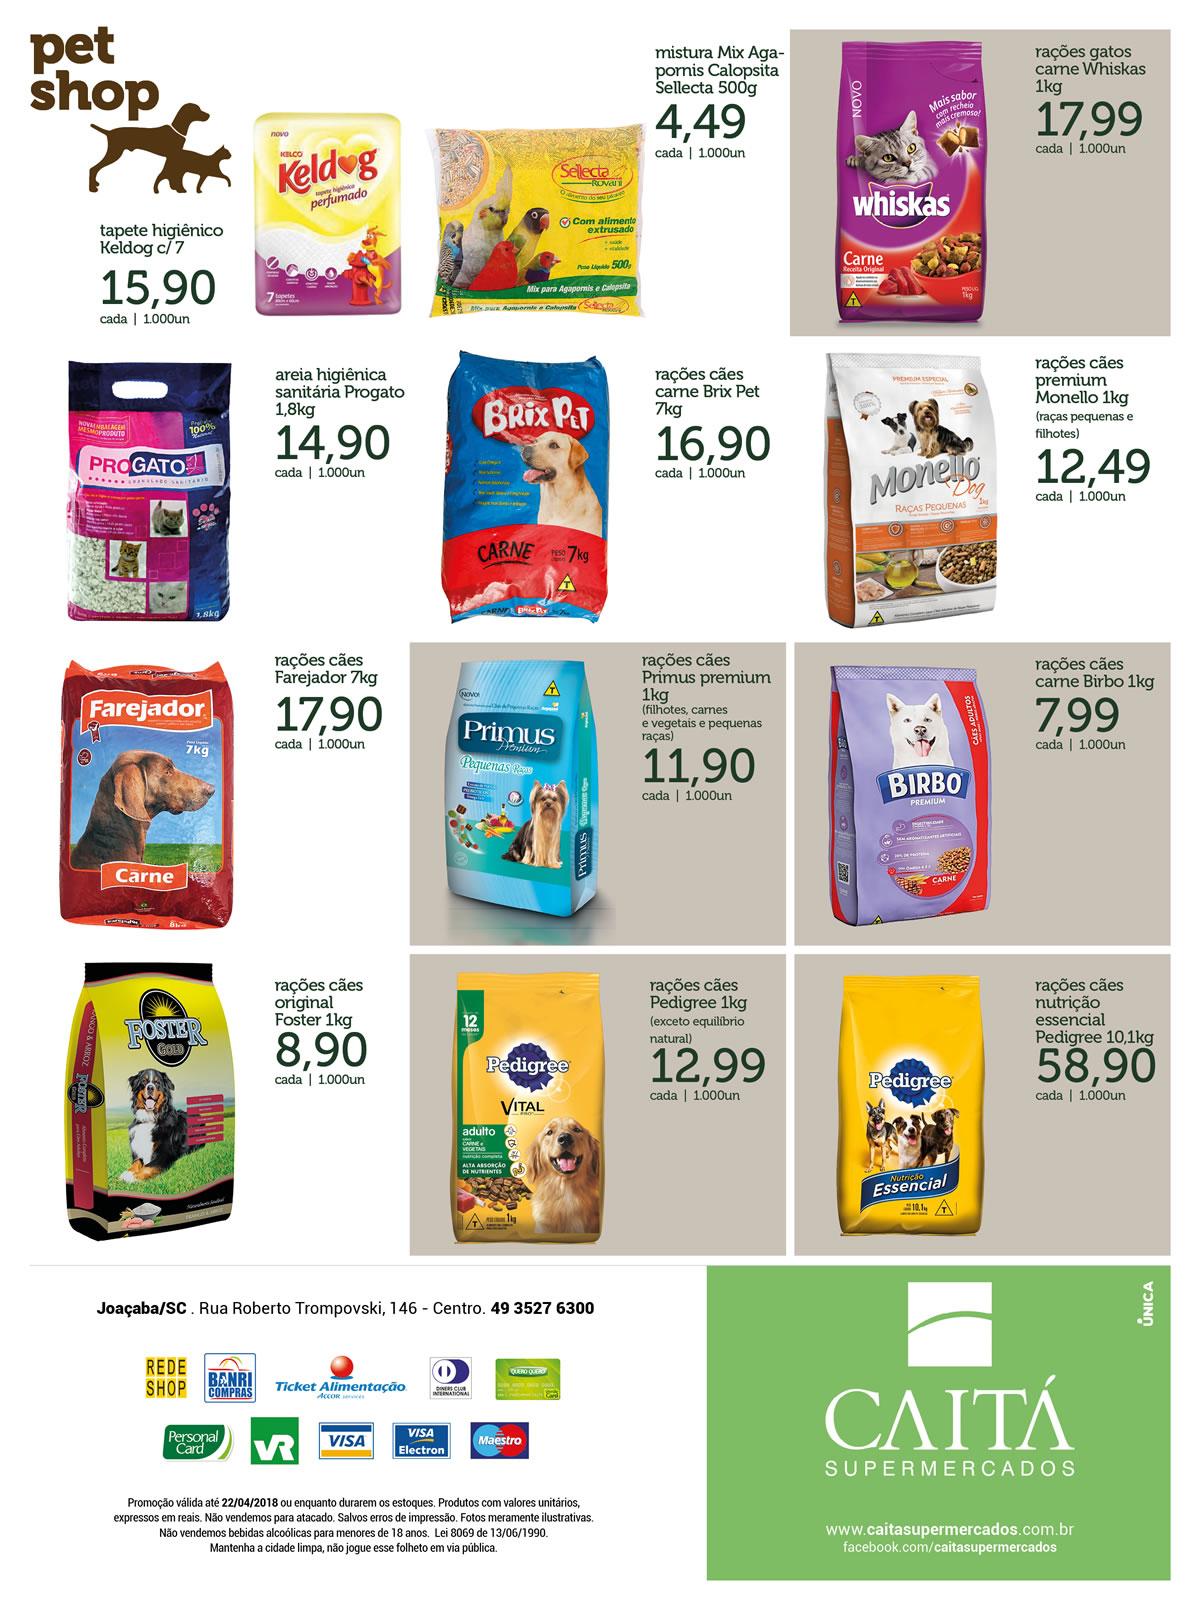 caita_supermercados_tabloide_abril_joacaba_20